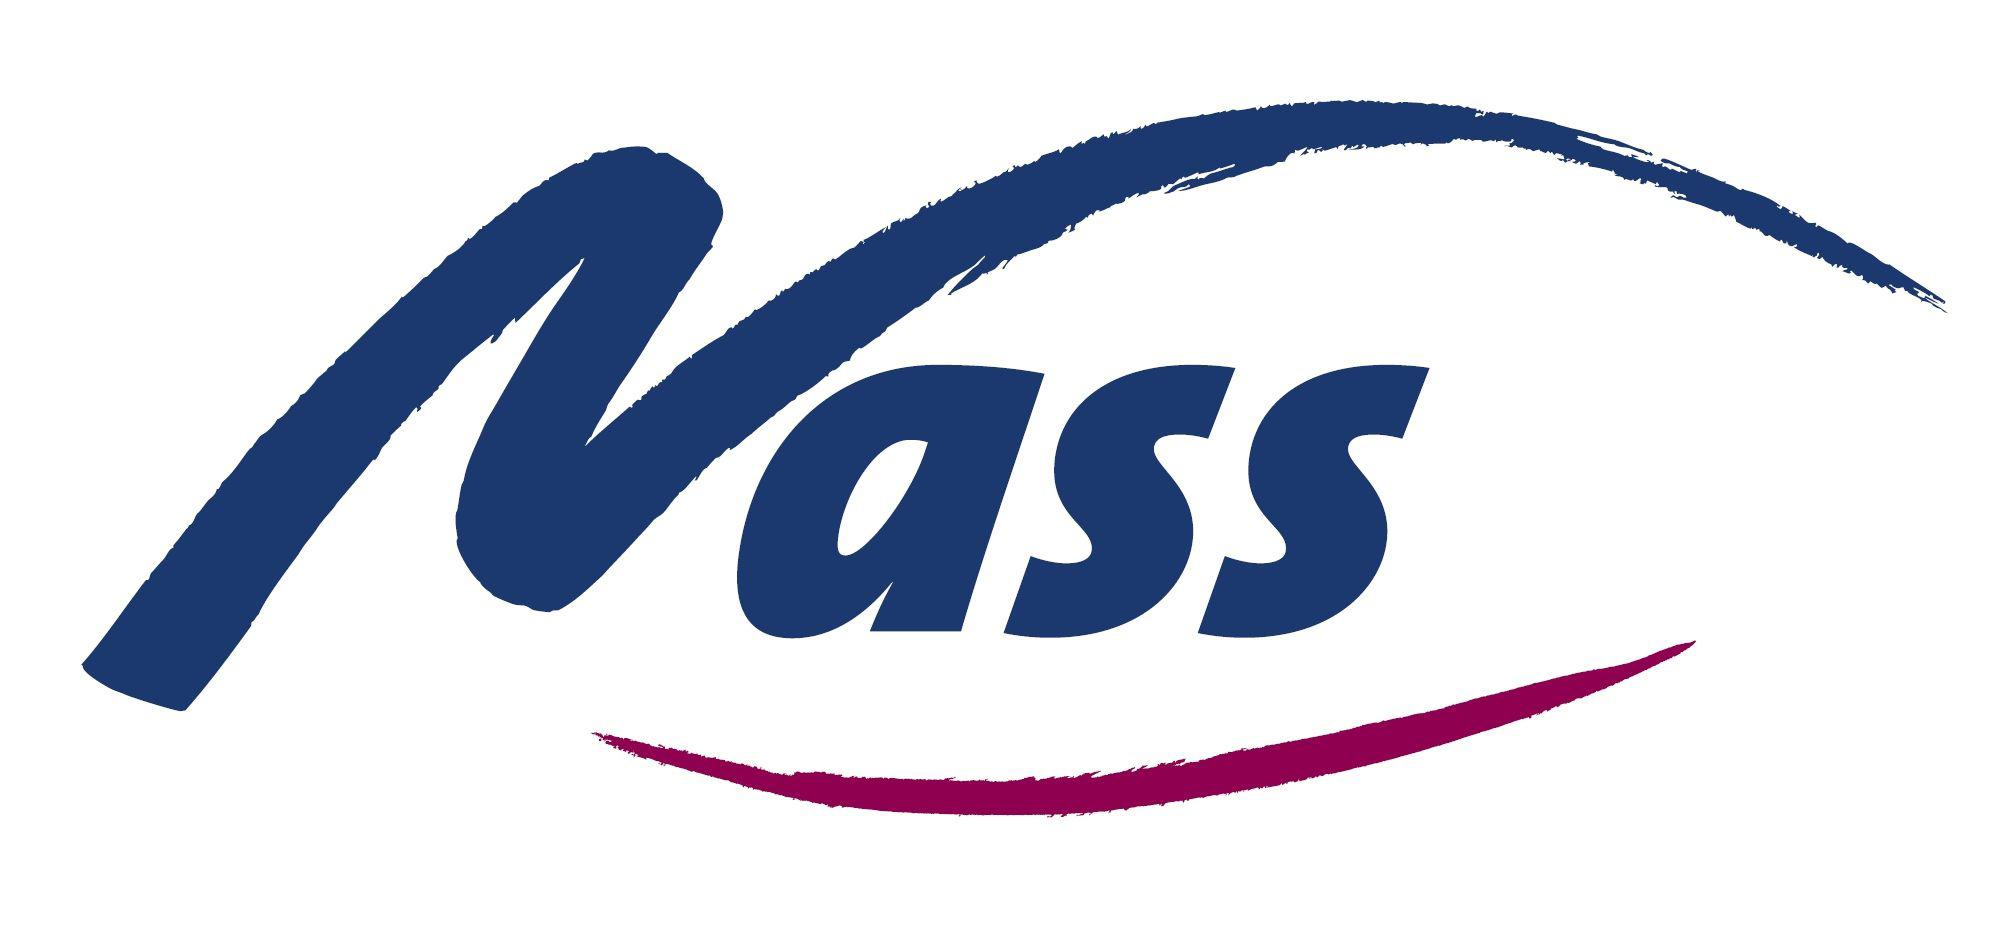 Bildergebnis für logo nass arnsberg